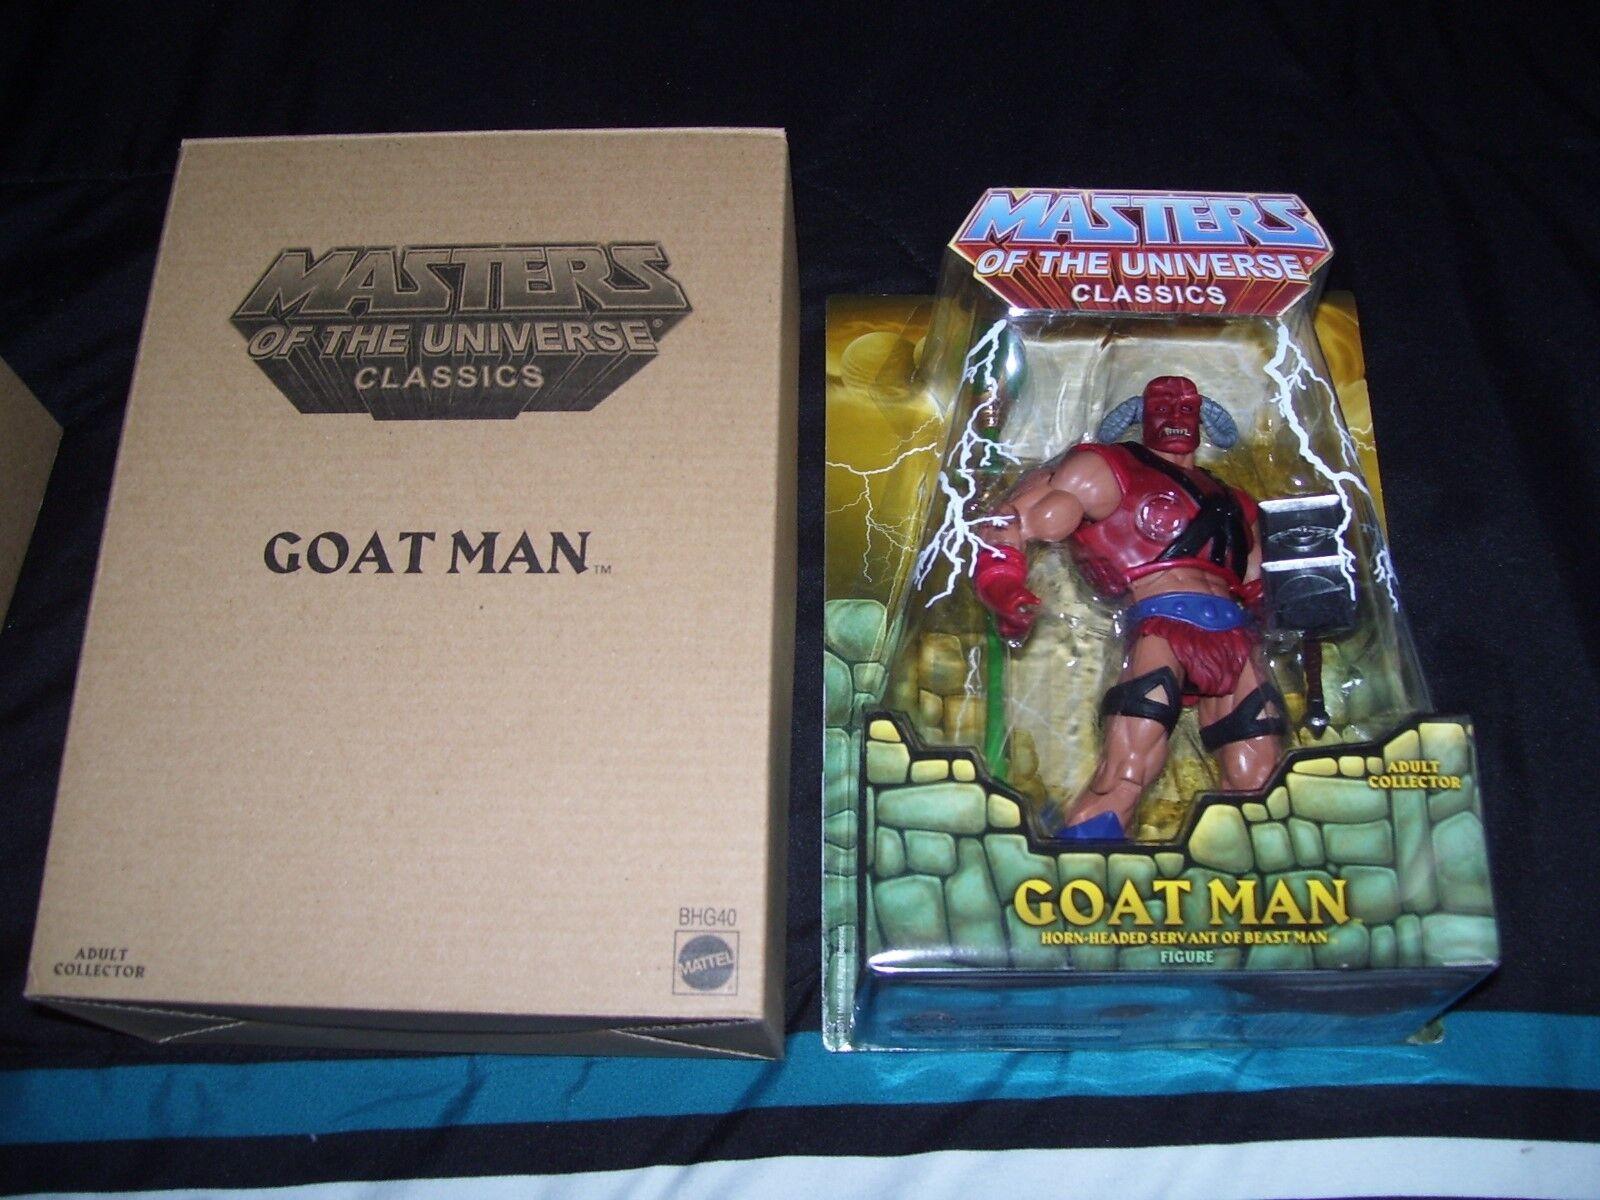 Meister des universums klassiker - mann